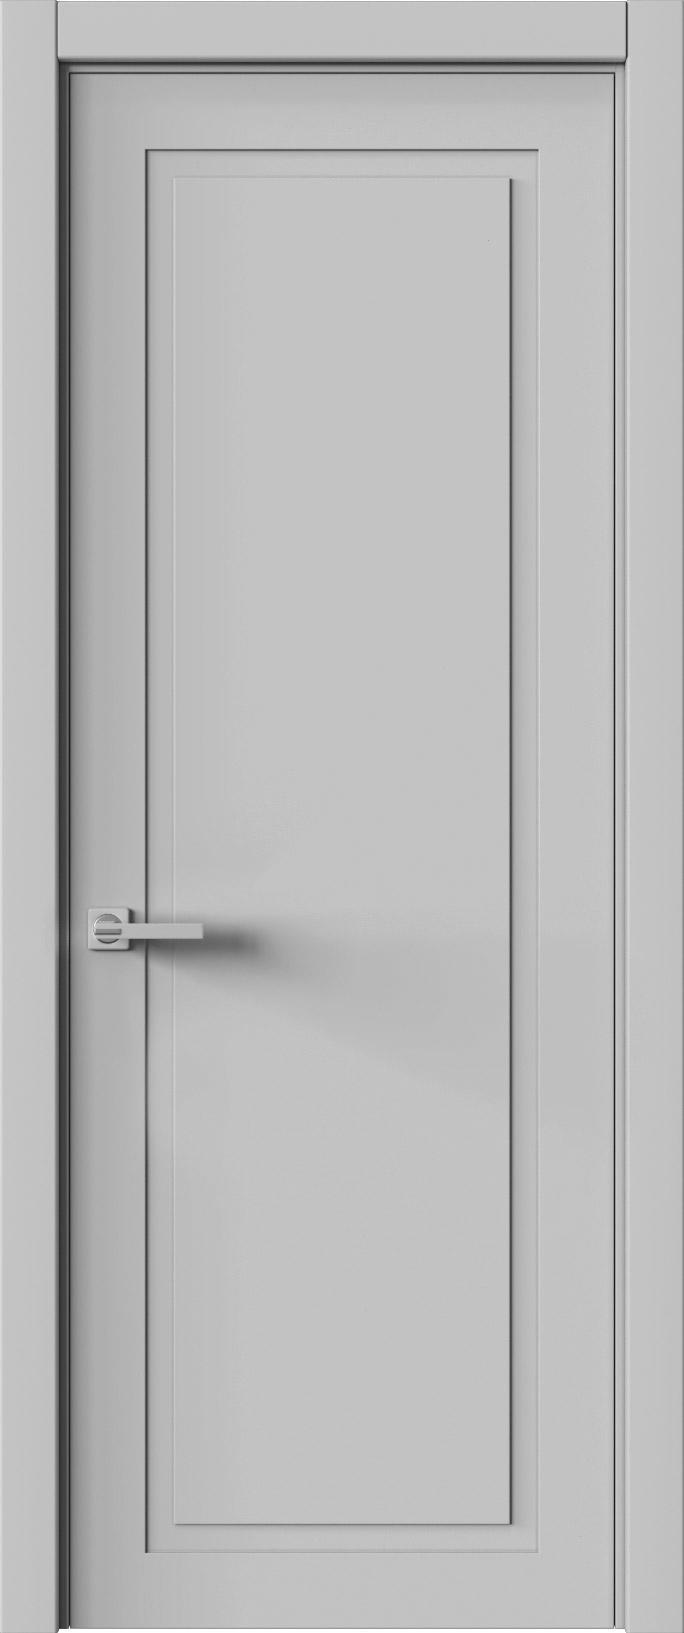 Tivoli Д-5 цвет - Серая эмаль (RAL 7047) Без стекла (ДГ)